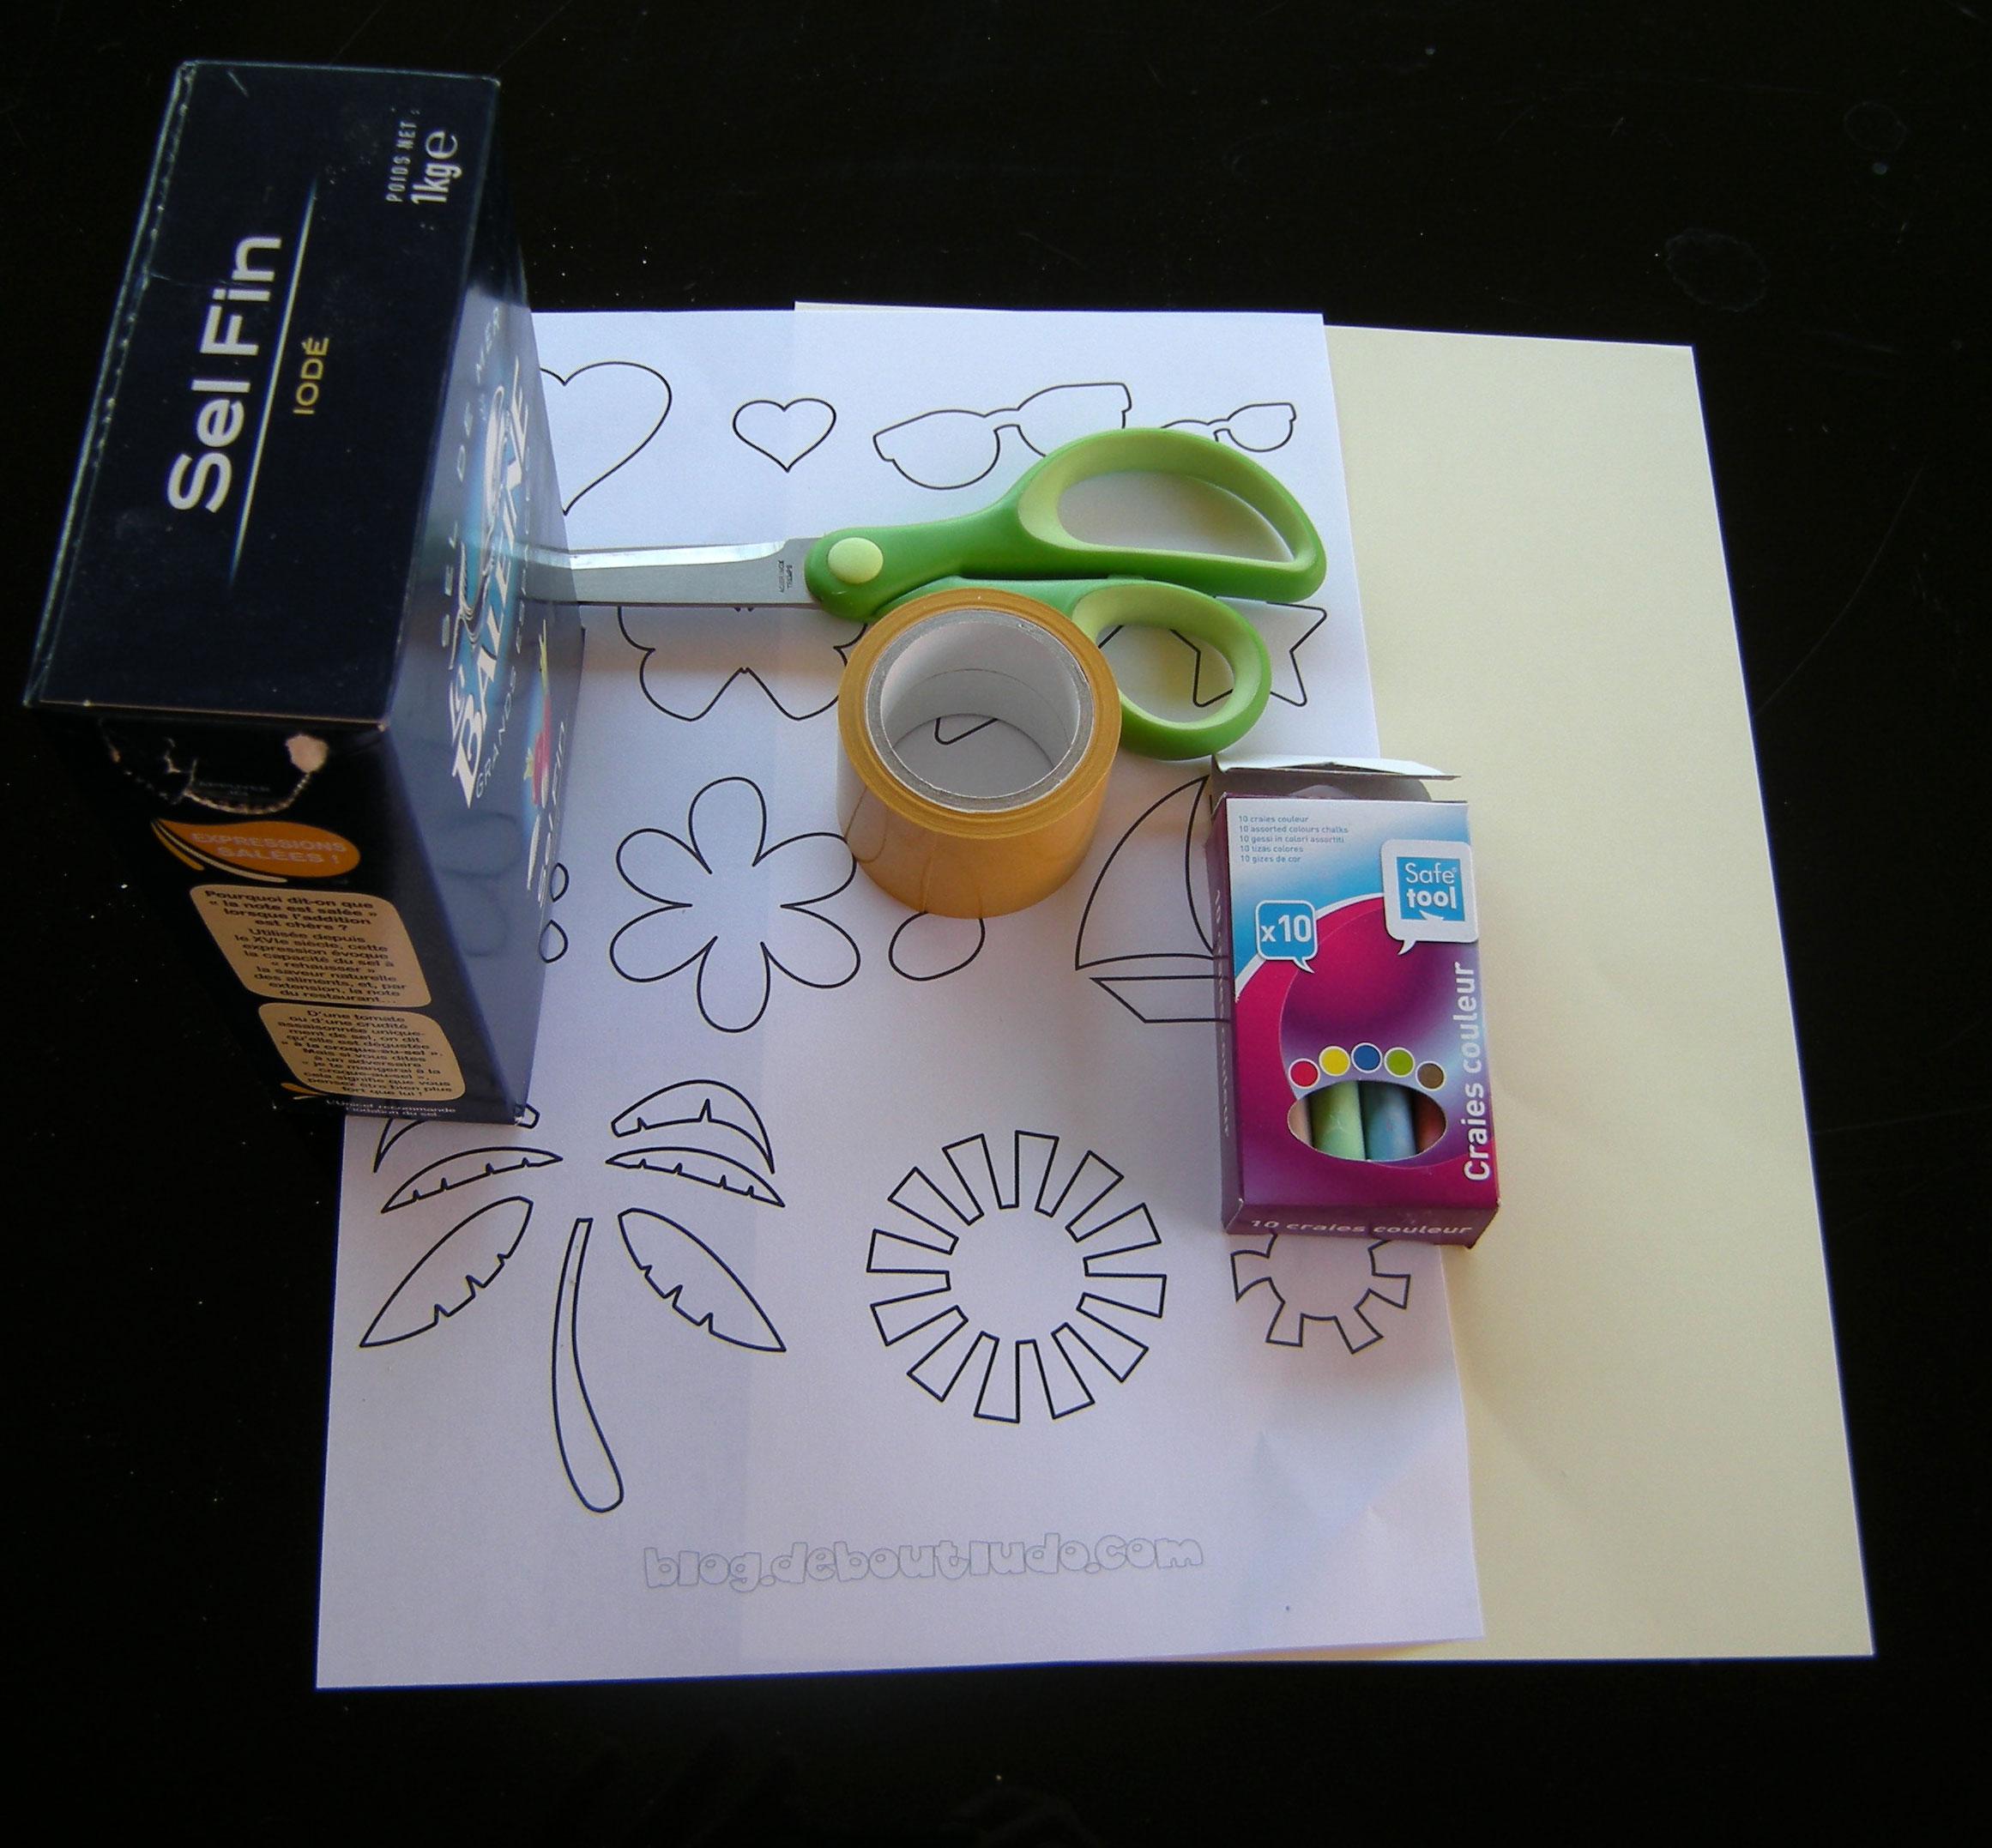 Une carte postale personnalisée avec du sable ou du sel coloré   Debout Ludo, le blog